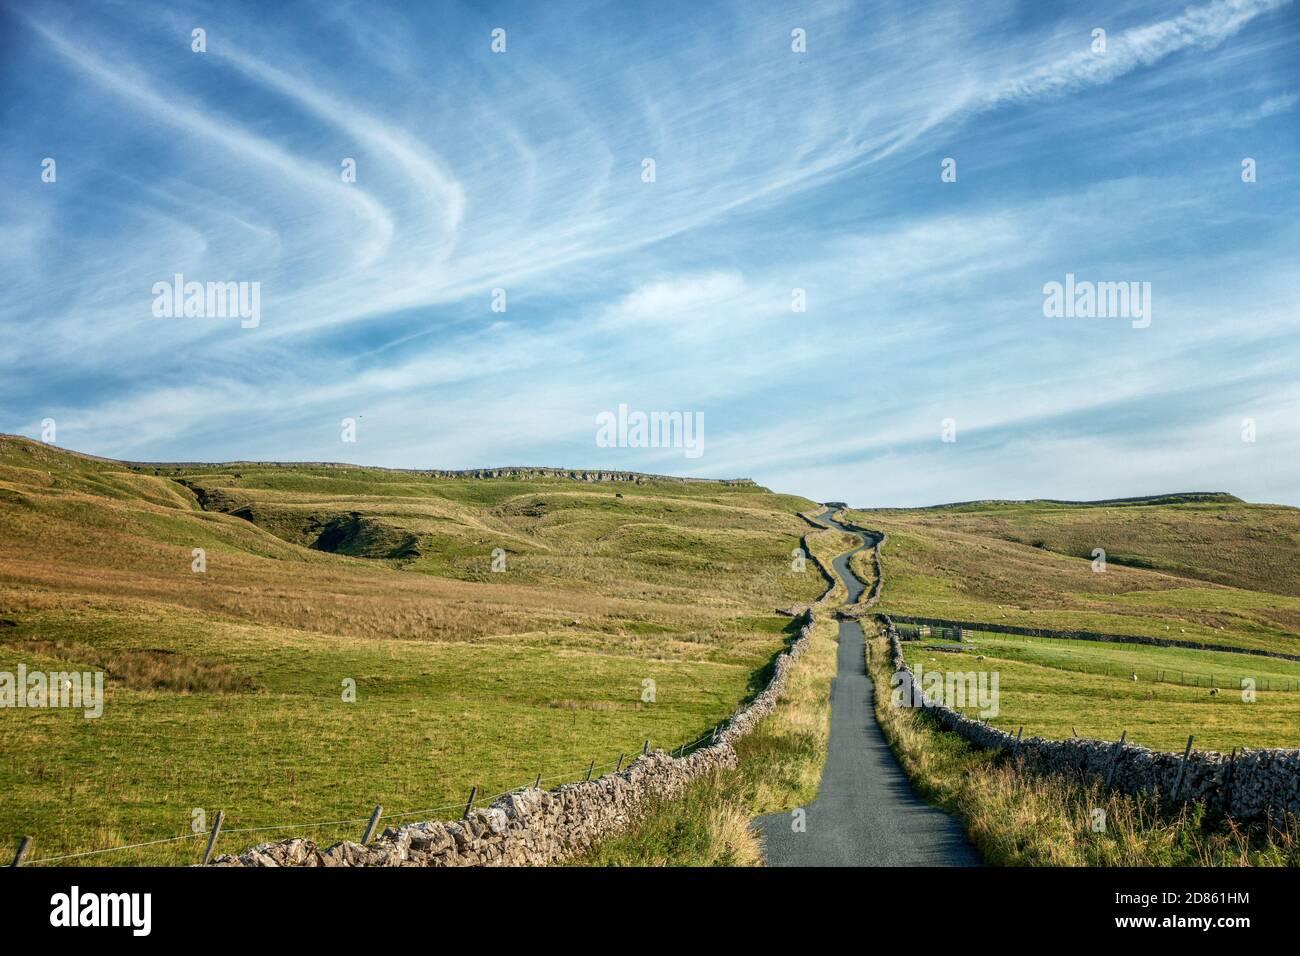 Cielos con plumas y sol en la cima de la famosa subida en bicicleta de la colina, Park Rash, tranquilo carril de campo fuera de Kettlewell. Wharfedale, Yorkshire del Norte Foto de stock